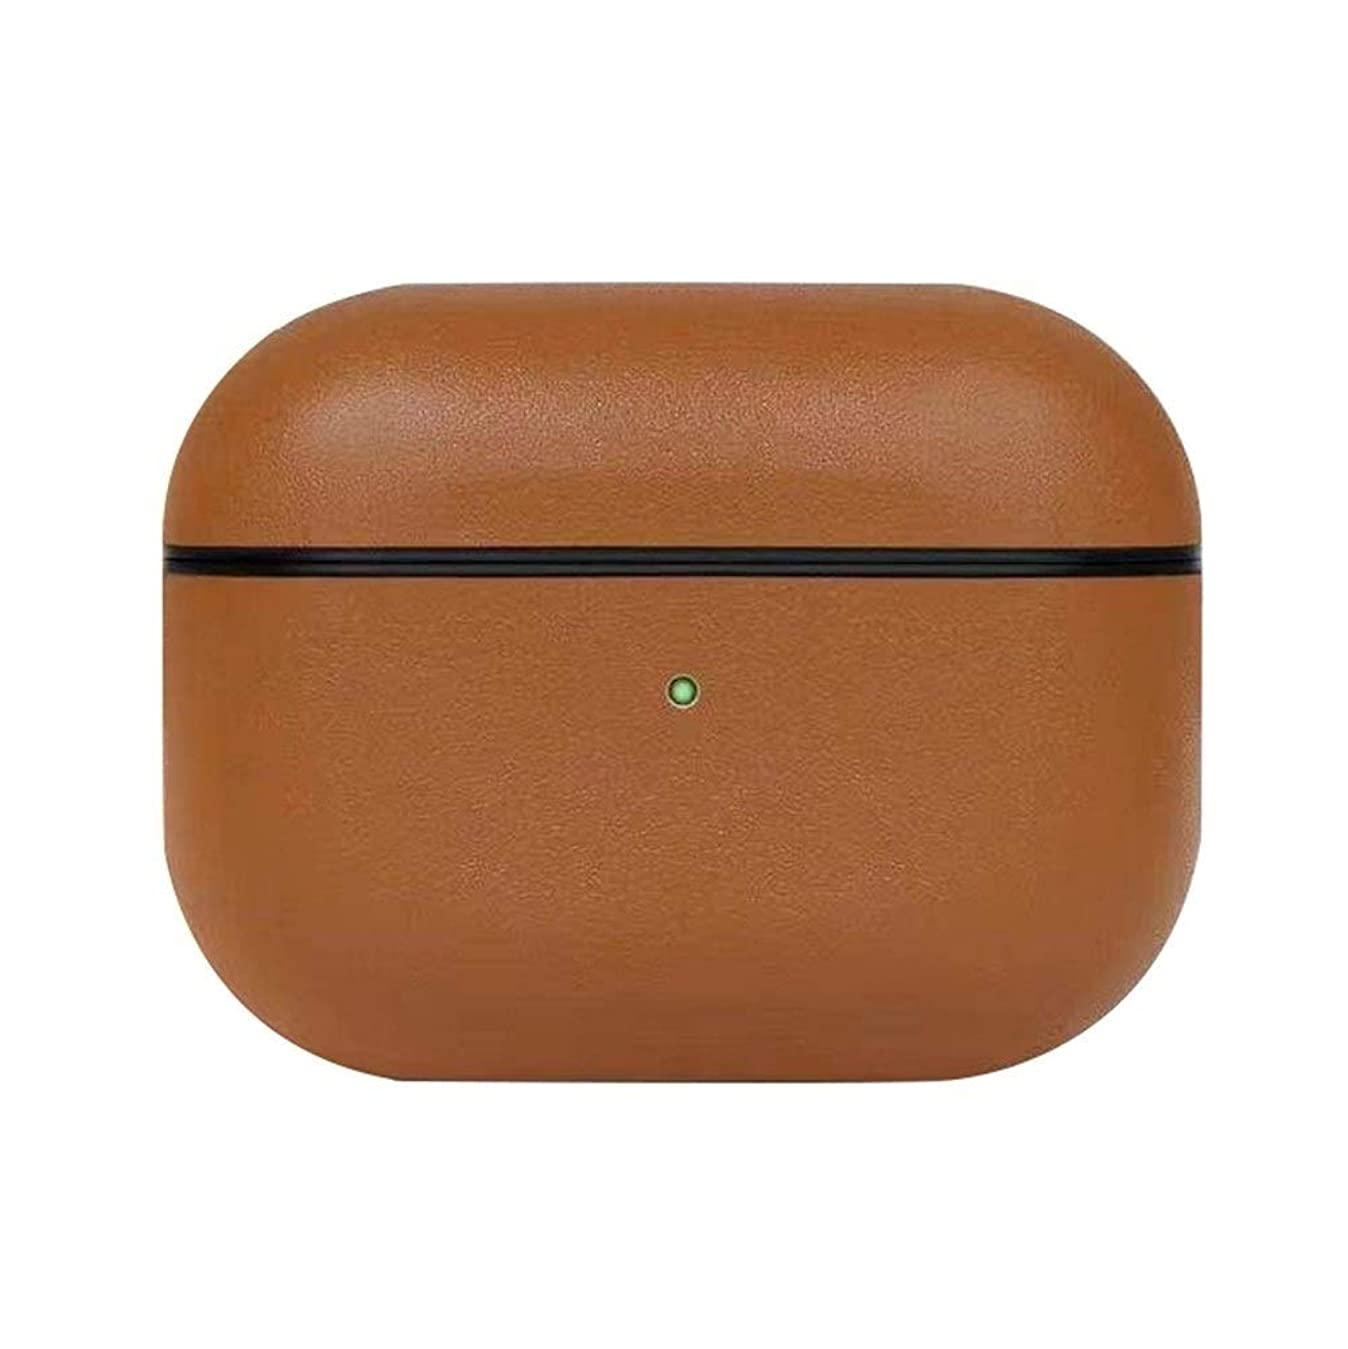 衣装ストラトフォードオンエイボン怒っているHMSH 完全な保護プレミアムカバー、防水ワイヤレスBluetoothヘッドセットケースカバーを充電プロAirPods用レザーケースカバー、 ヘッドホンパッド (Color : Brown)